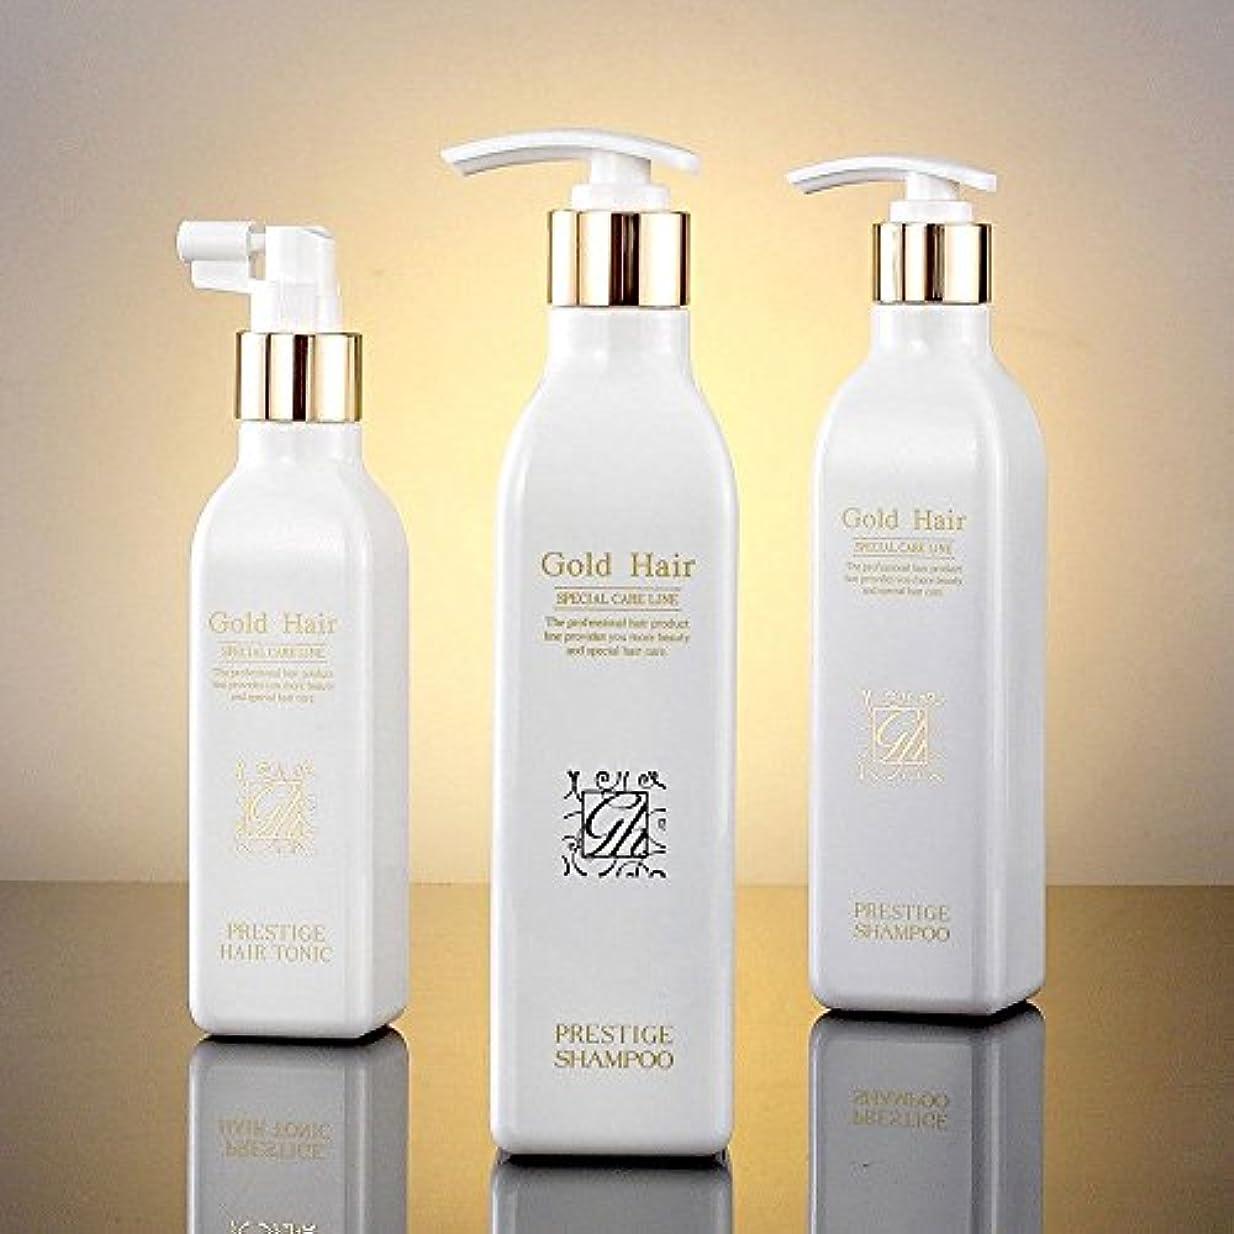 打ち上げる彼のサルベージゴールドヘア育毛シャンプー2個&トニック1個 漢方シャンプー /Herbal Hair Loss Fast Regrowth Shampoo 100% Natural Patented Set of 3(2 shampoo...